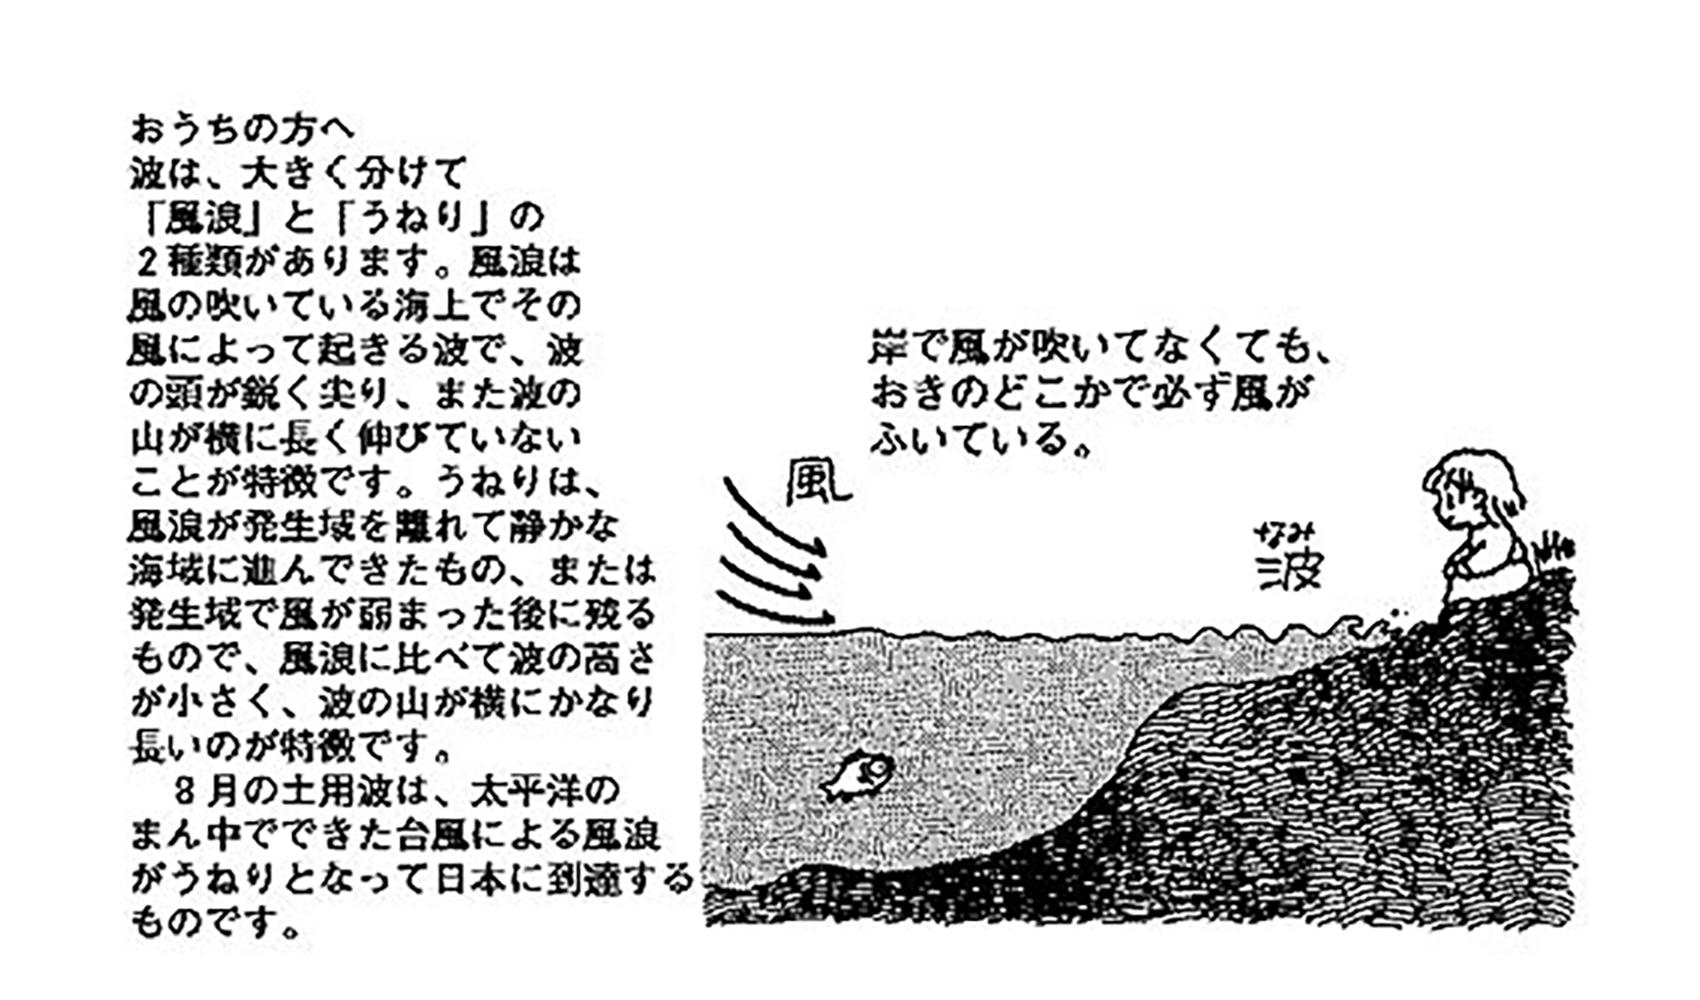 海にはどうして波があるの、波はどうやってできるの